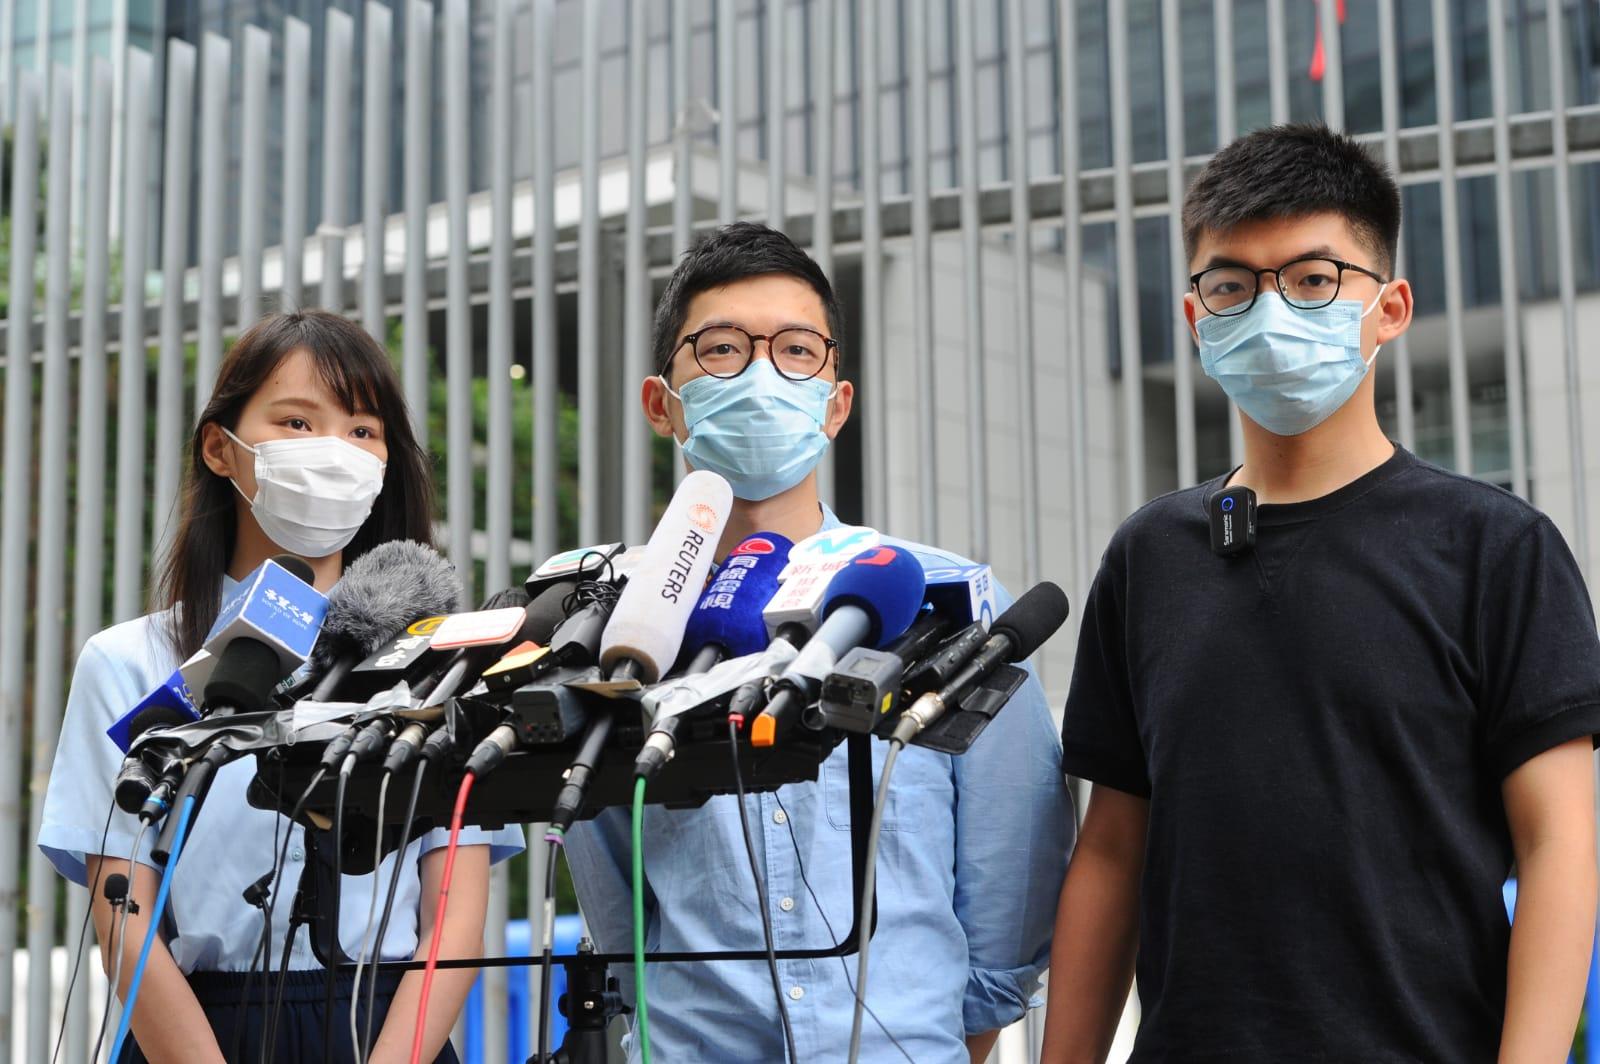 香港眾志予以回應表示,中共強推國安法針對的是民間團體的國際連線,眾志促中共趕緊懸崖勒馬,美國總統特朗普將很快做出決定。(宋碧龍 / 大紀元)